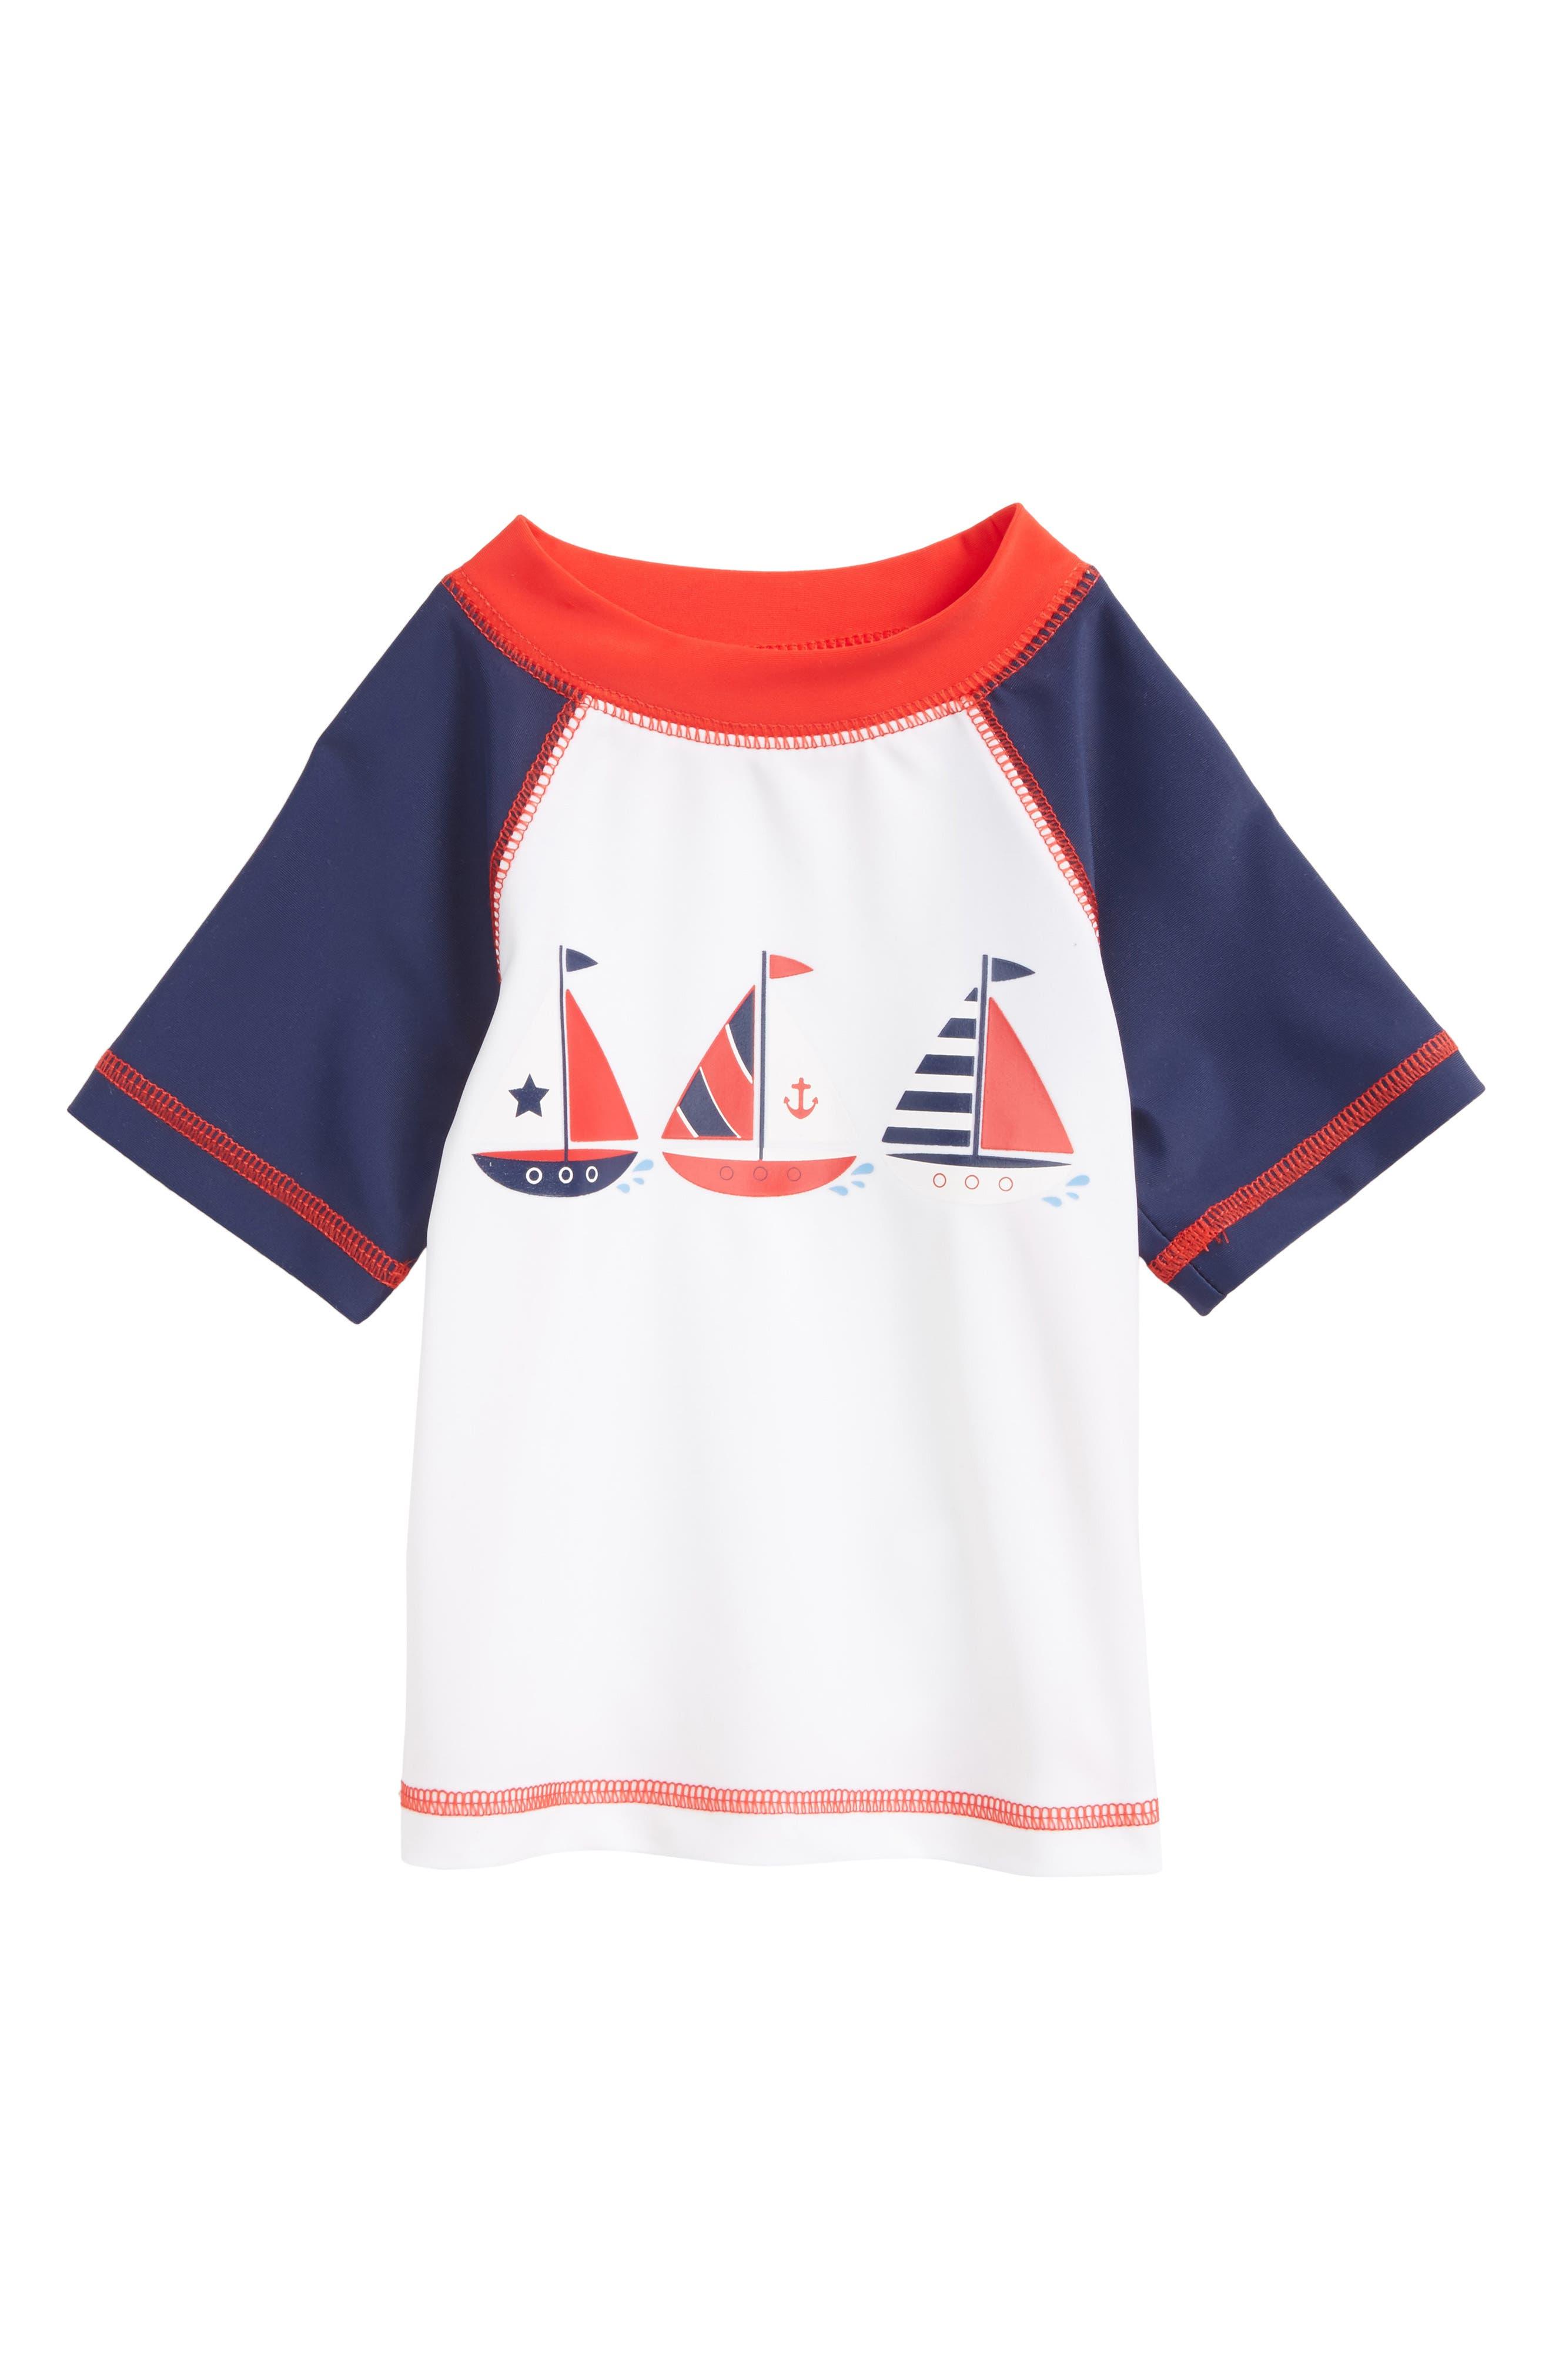 Sailboat UPF 50+ Rashguard,                         Main,                         color, 415